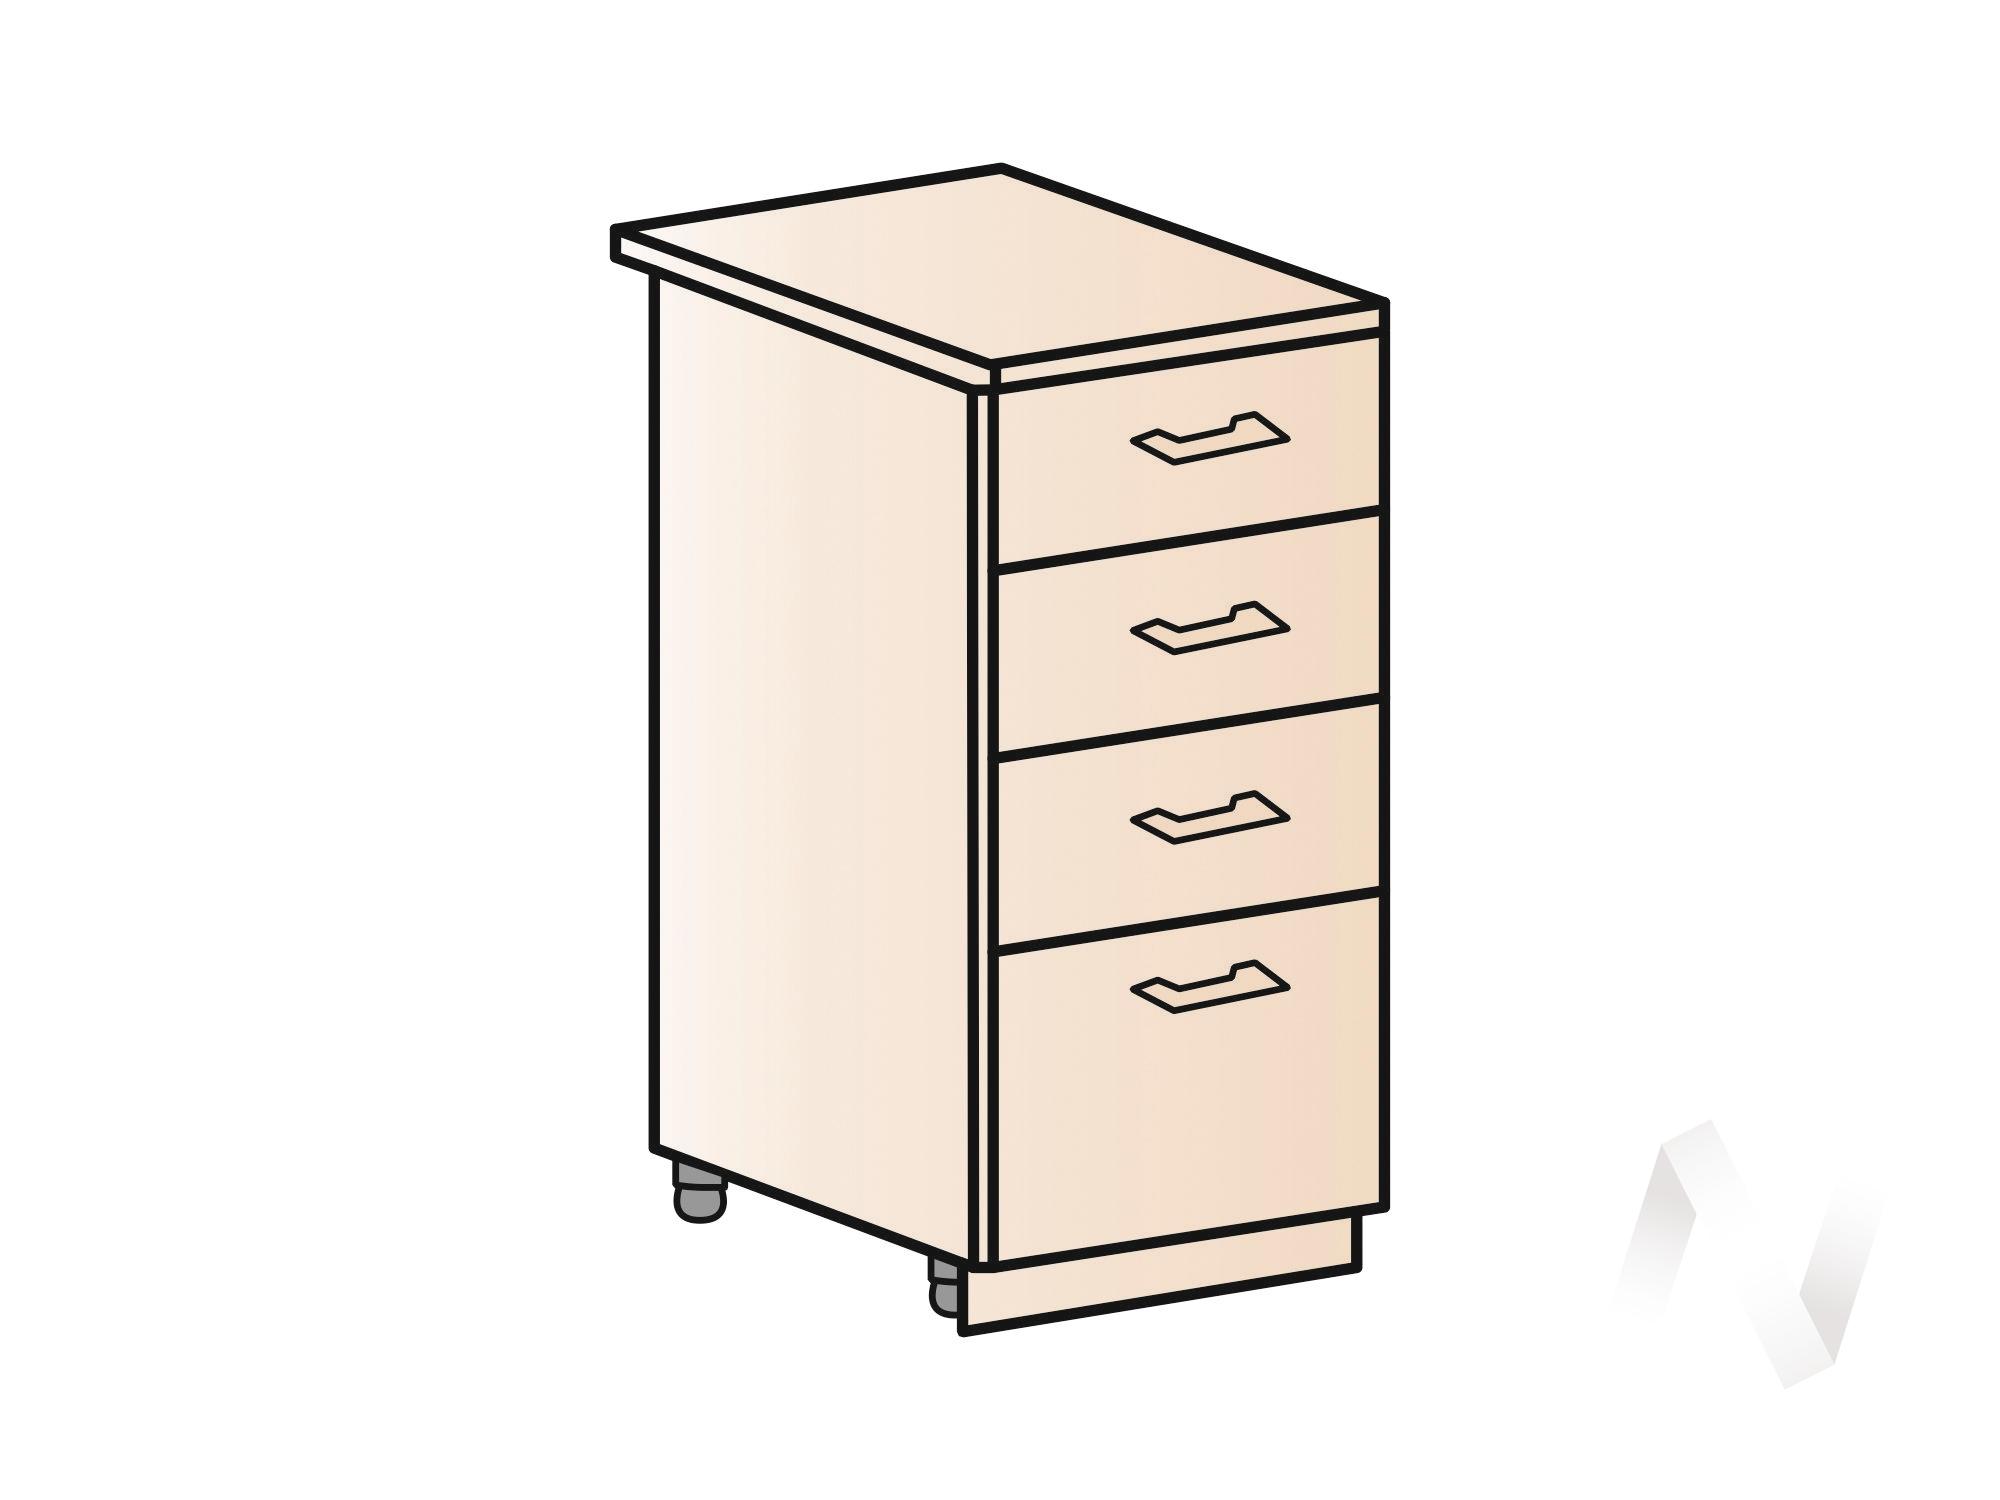 """Кухня """"Люкс"""": Шкаф нижний с 4-мя ящиками 400, ШН4Я 400 (Шелк жемчуг/корпус венге) в Томске — авторская мебель Экостиль"""